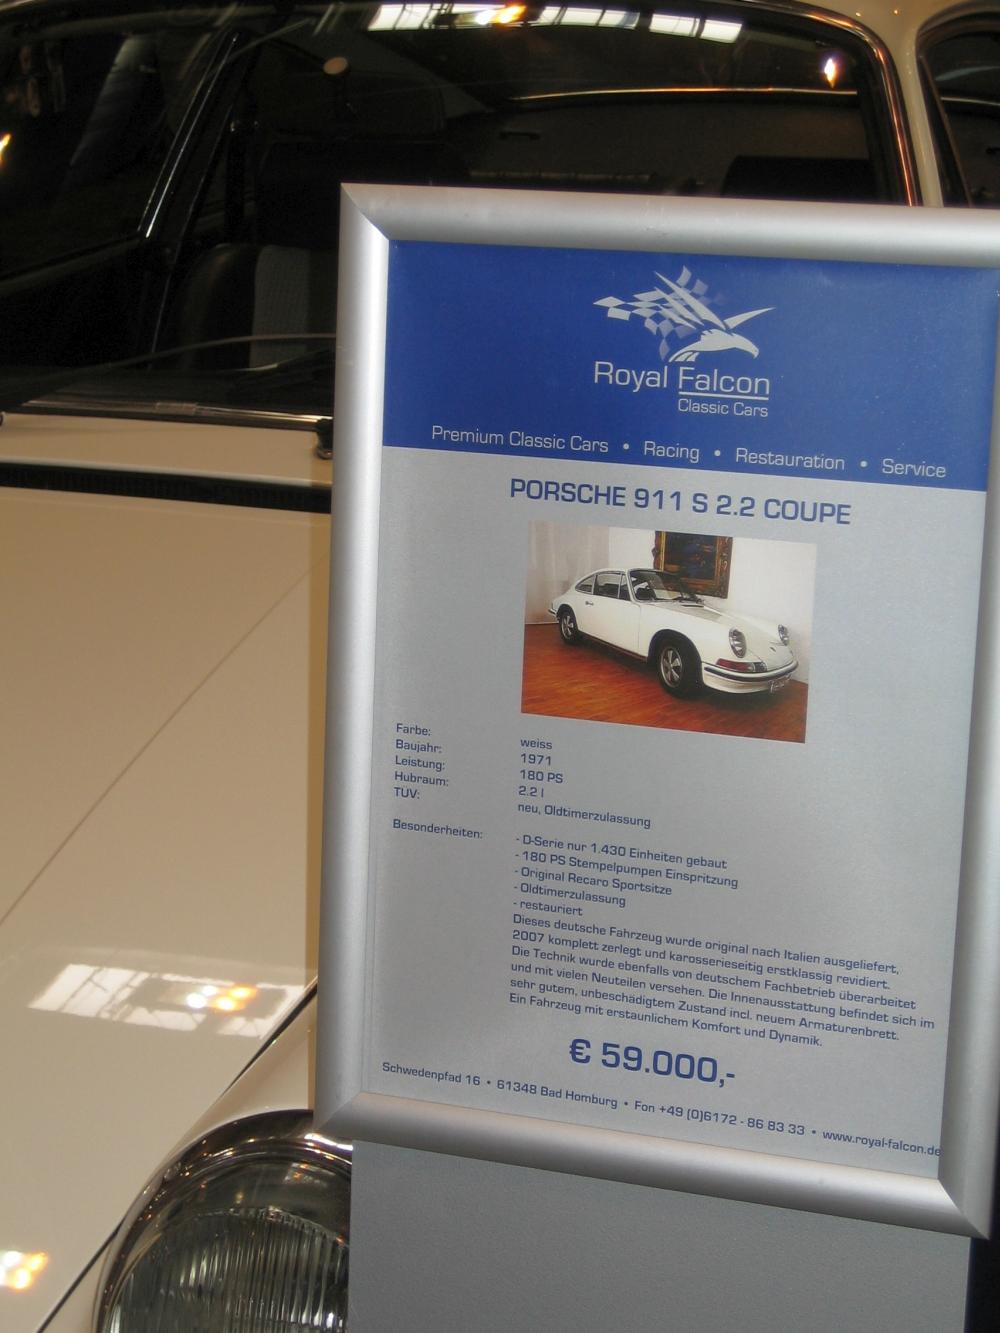 """Porsche 911 S 2.2l Coupé für 59.000 Euro. Inklusive Recaros. Ich höre noch die spitzen Schreie der Techno Classica-Besucher 2009: """"Fast 60.000 Euro für einen 2.2 S???"""" - Stand heute war der Kauf ein echter Schnapper!"""